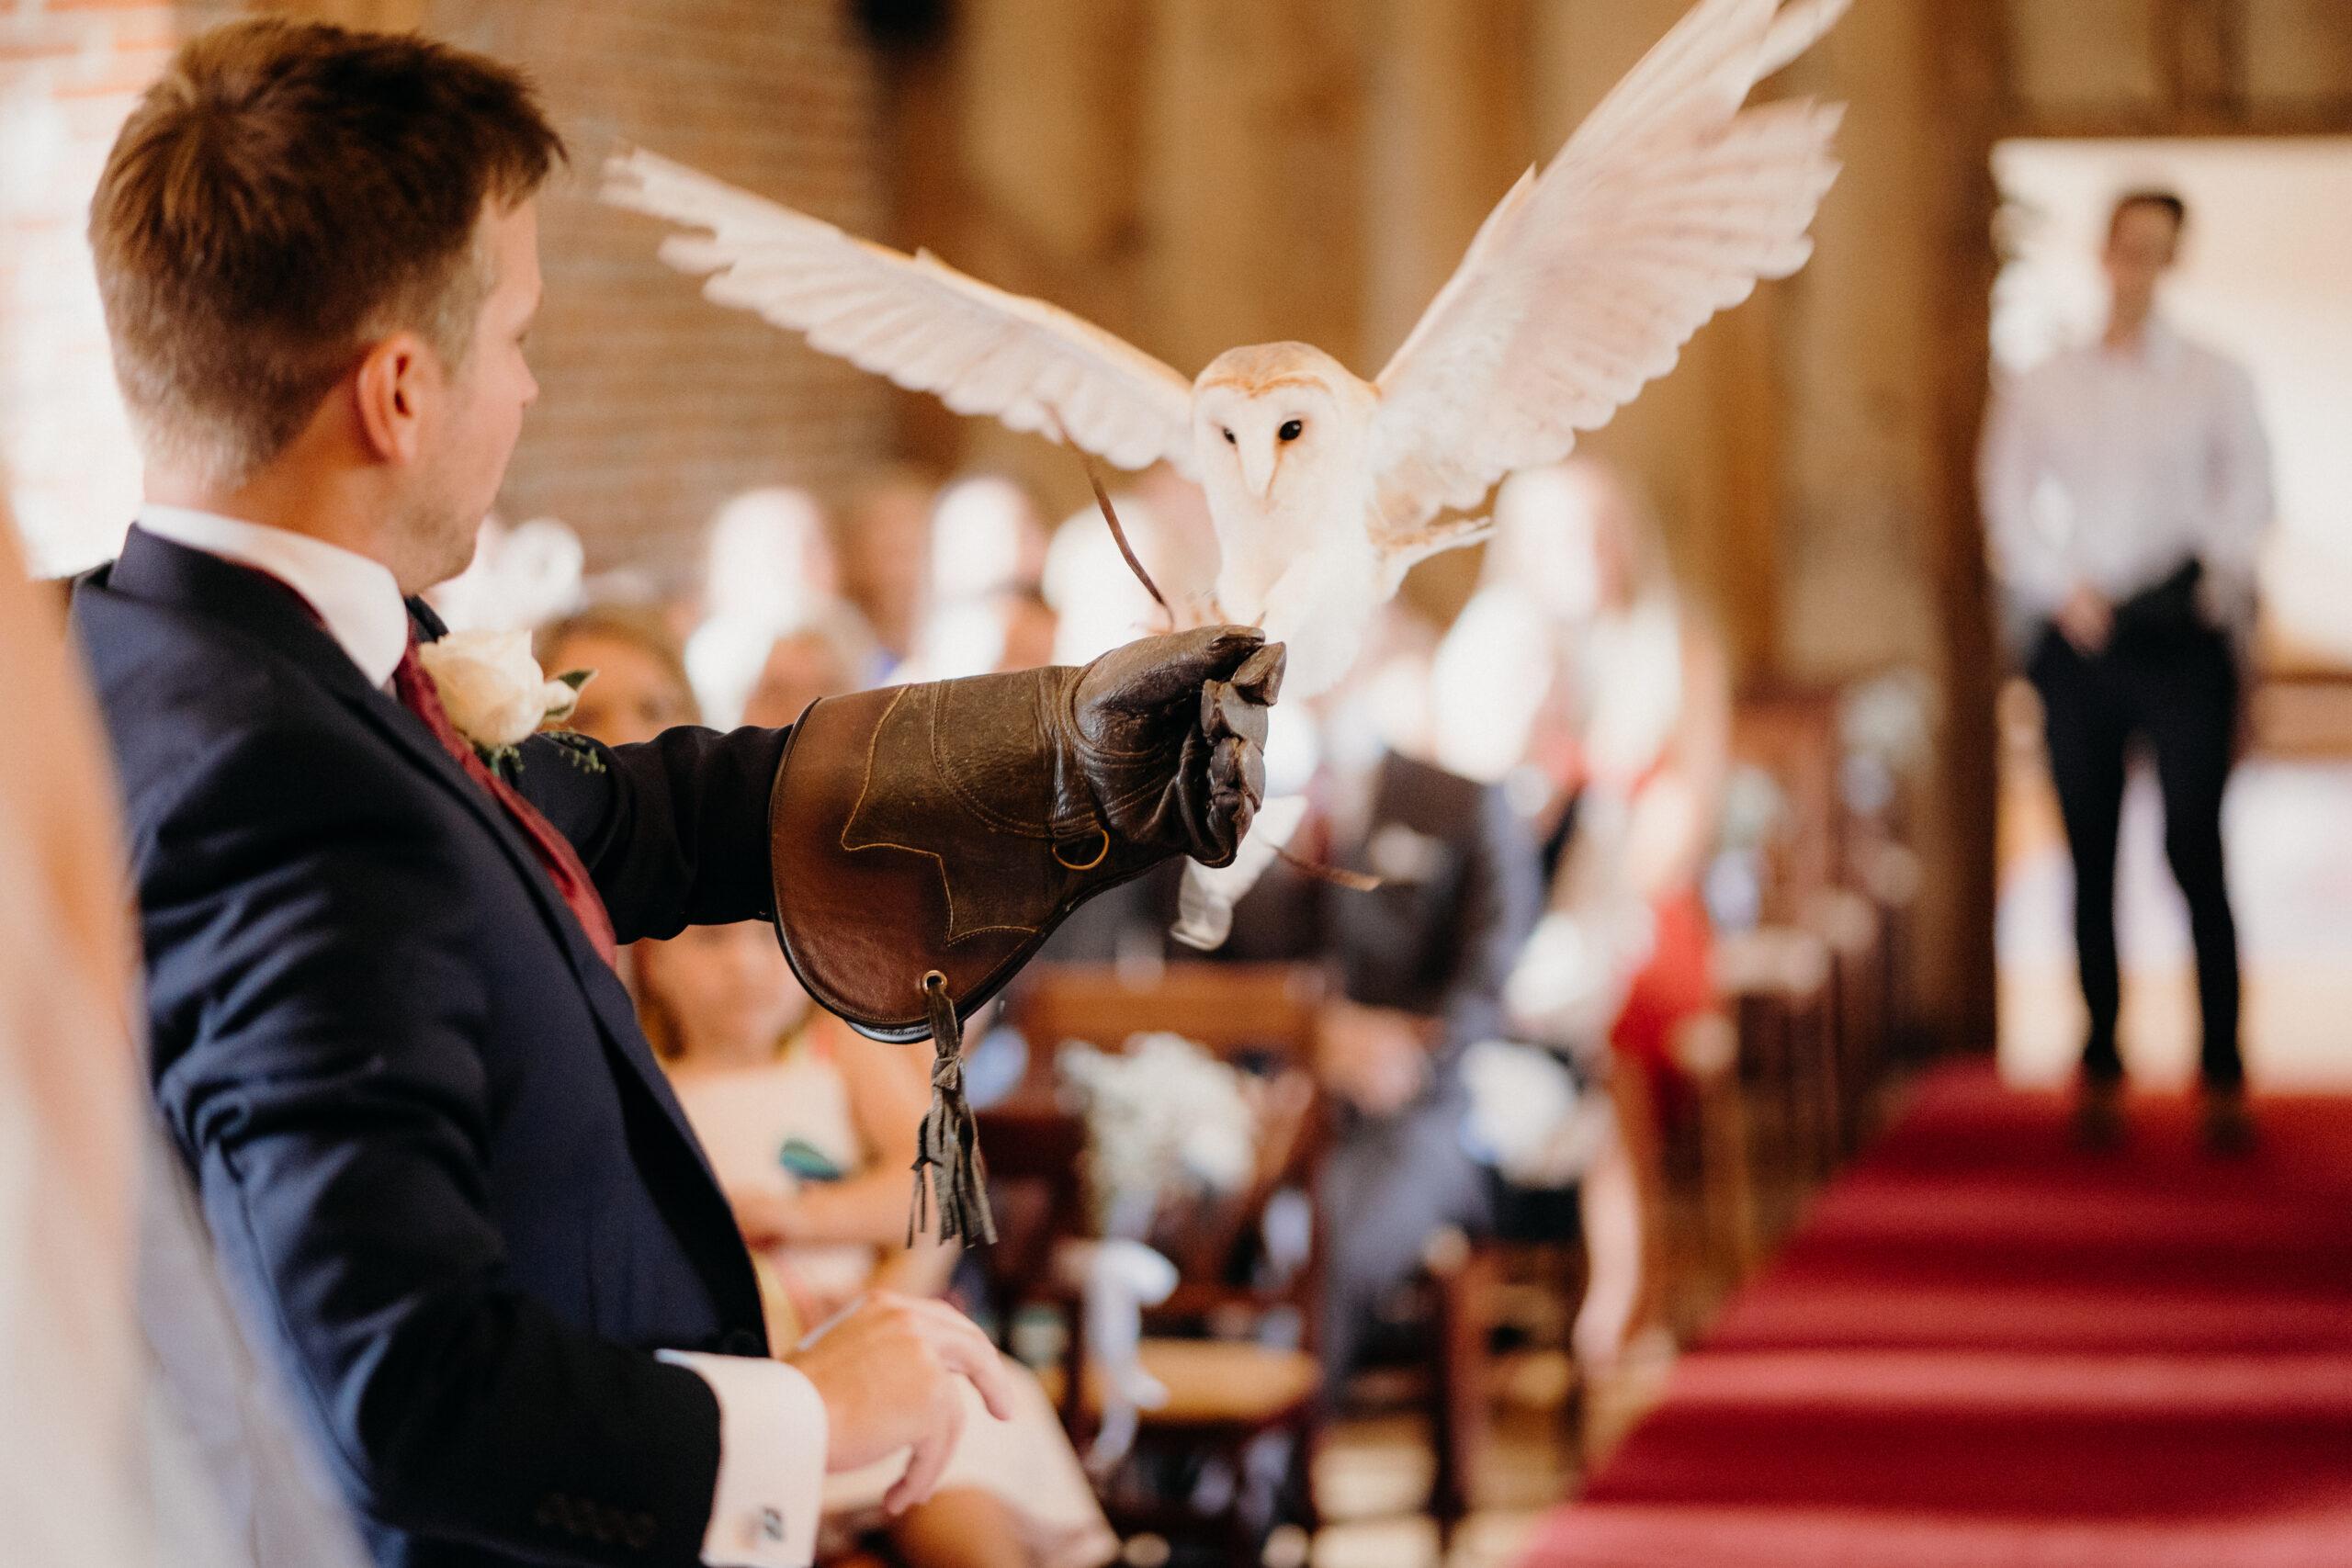 Owl ring bearer for wedding ceremony